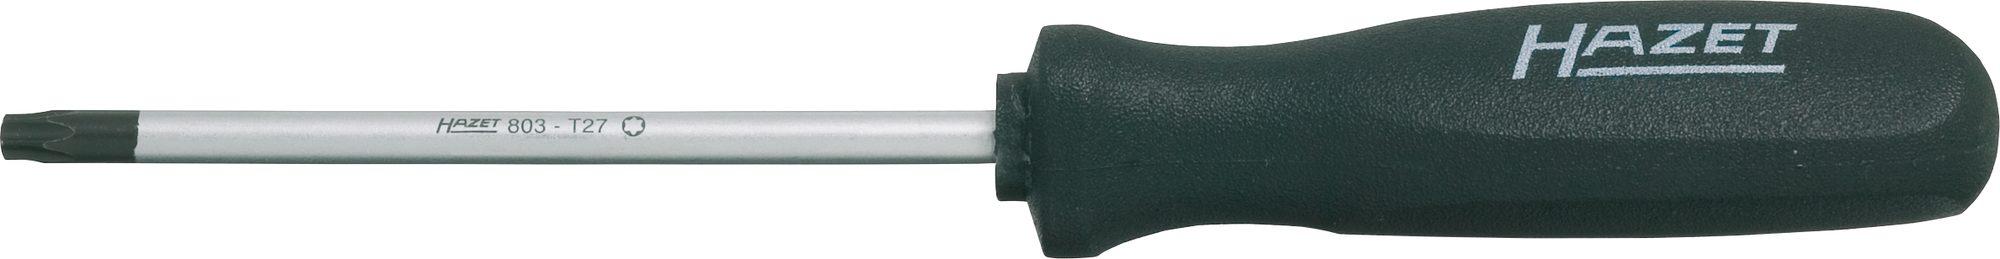 Innen TORX® Profil 330 mm 803LG-T15 HAZET Schraubendreher trinamic